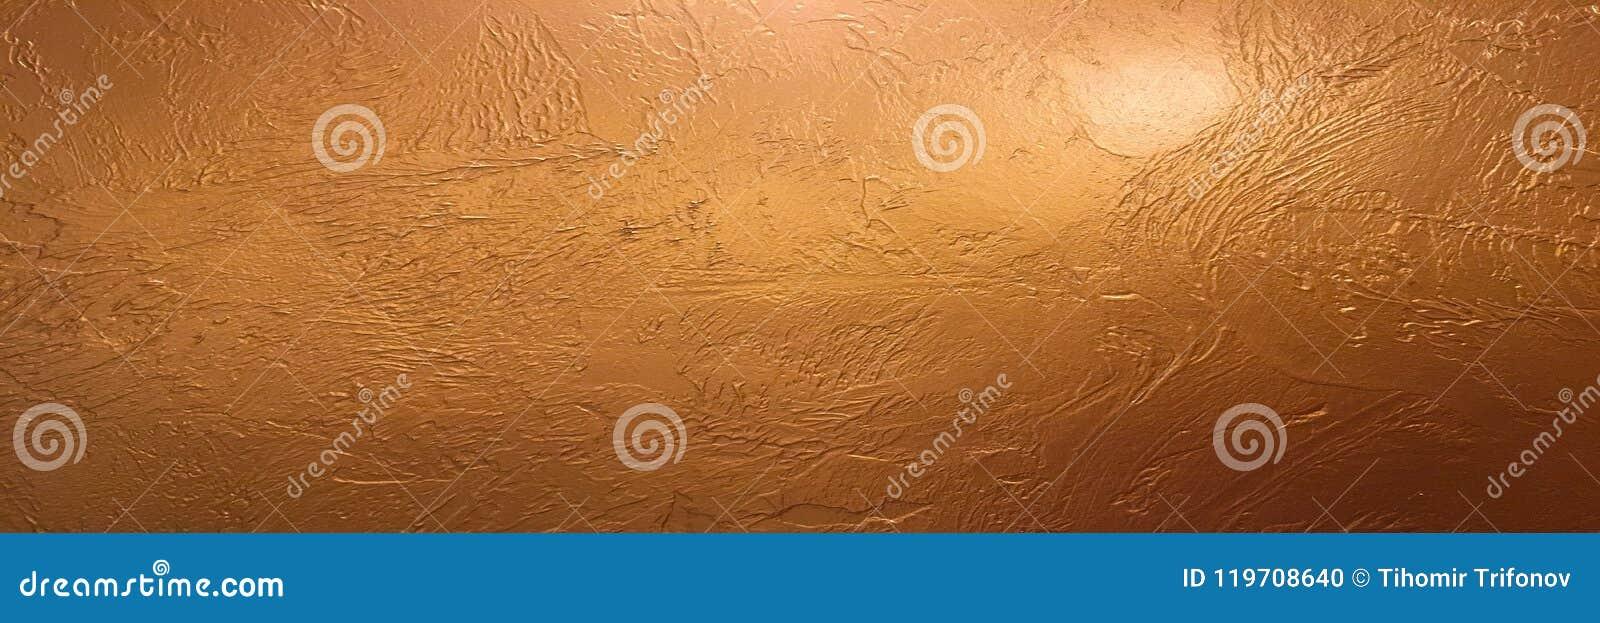 Goldhintergrund oder Beschaffenheits- und Steigungsschatten Glänzender gelber Blattgoldfolien-Beschaffenheitshintergrund Goldhint